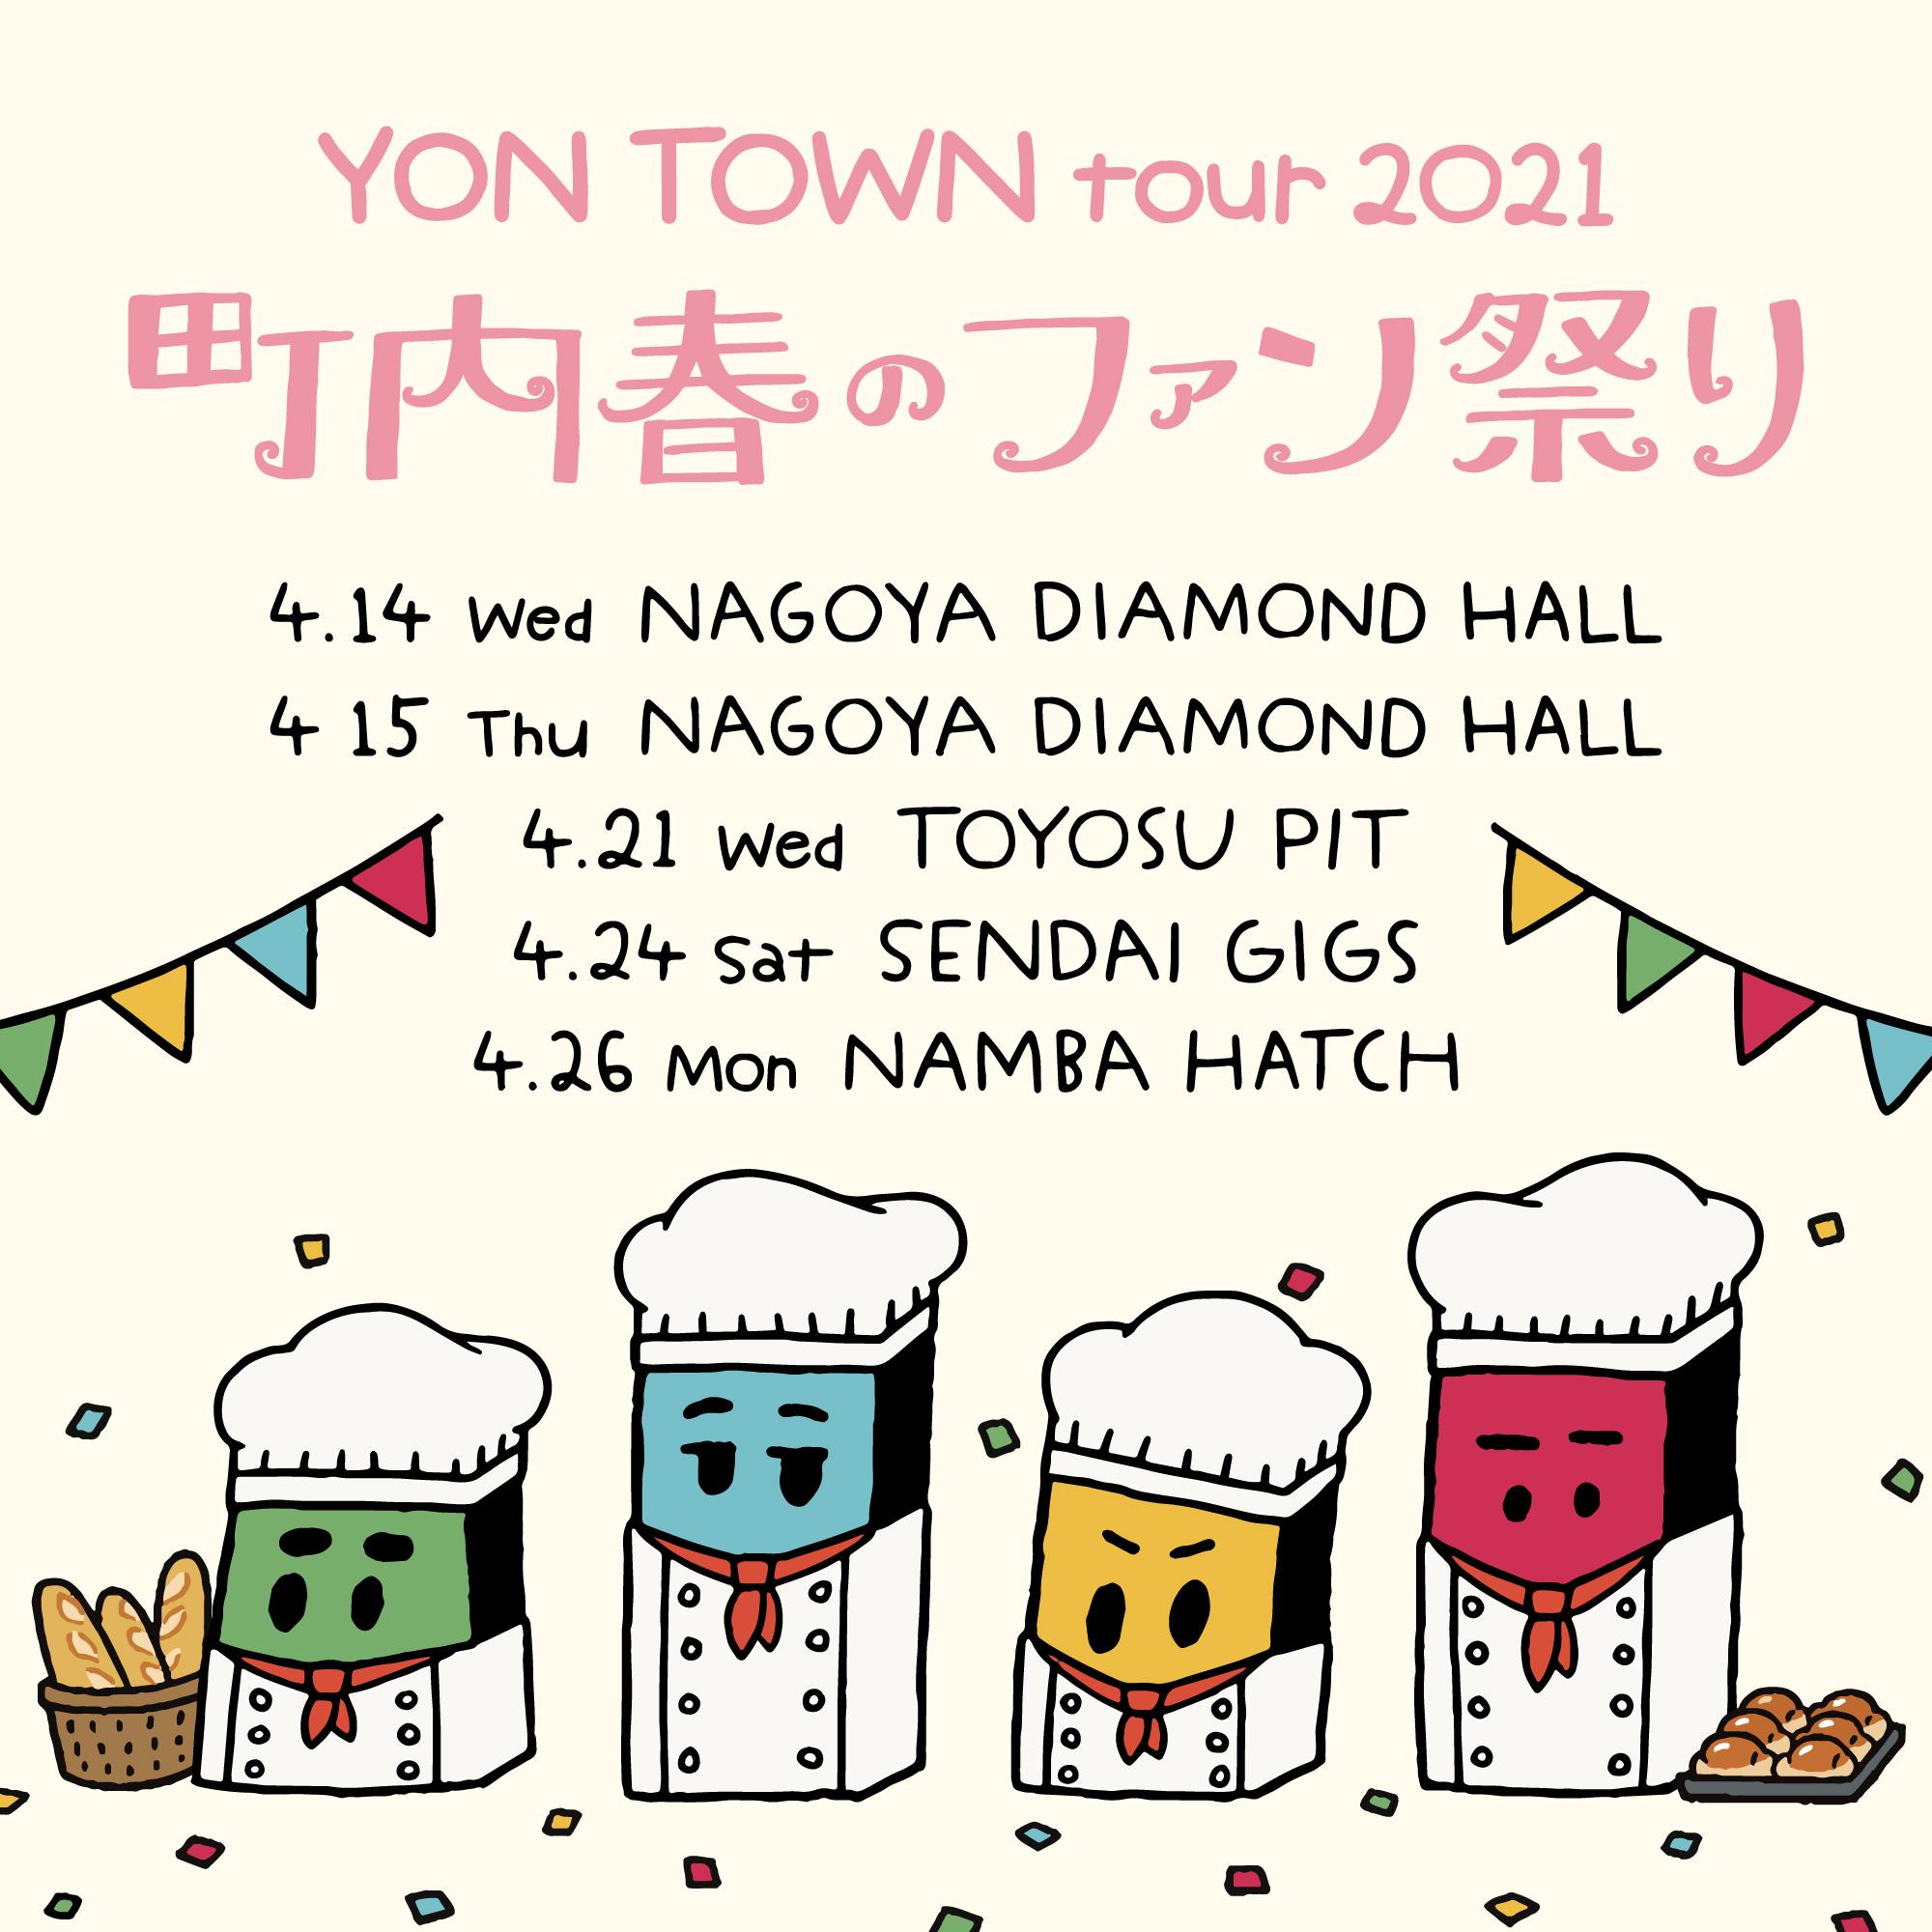 オフィシャルファンサイトYON TOWN 会員限定ツアー「YON TOWN tour 2021 ~町内春のファン祭り~」チケット2次受付開始!